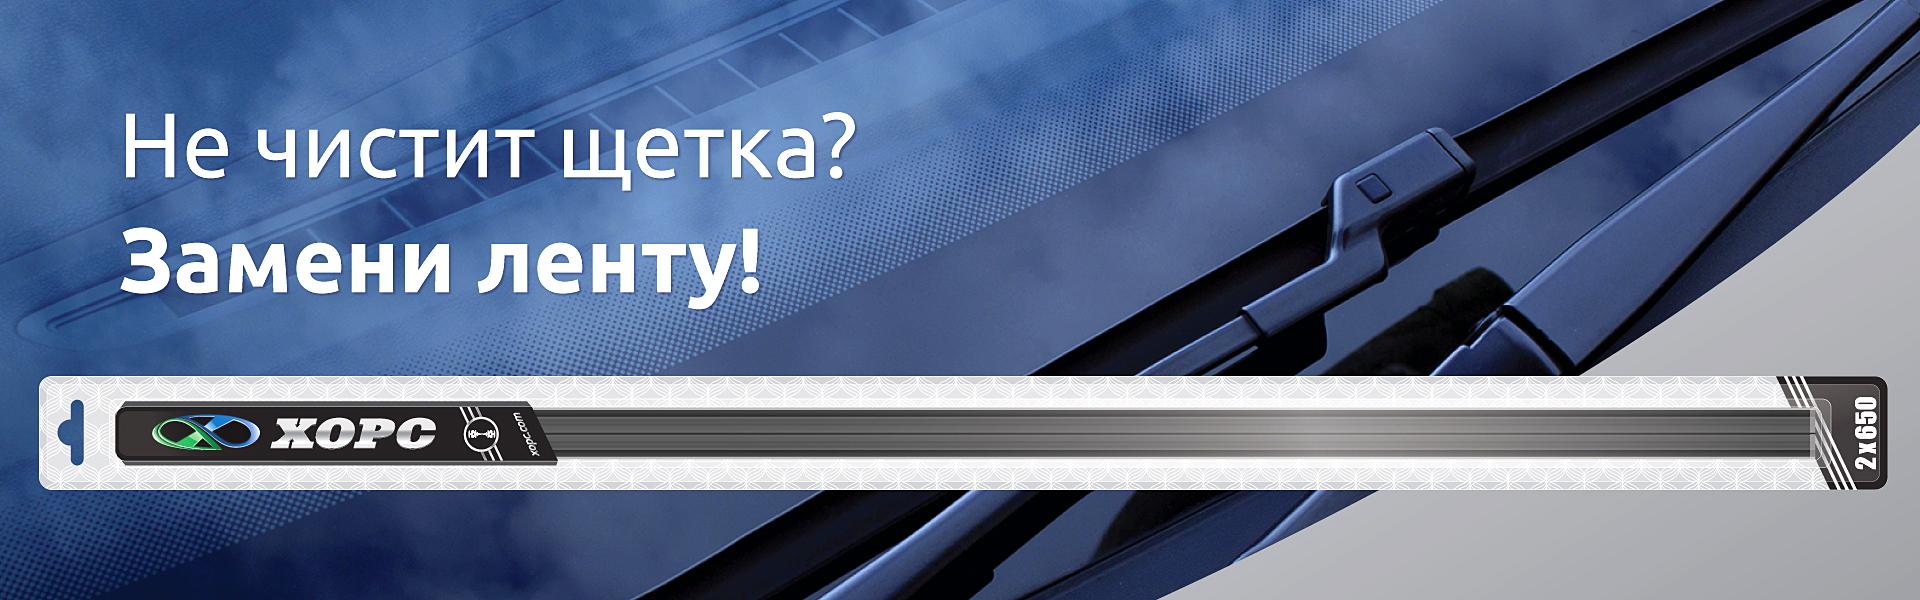 Лента-К